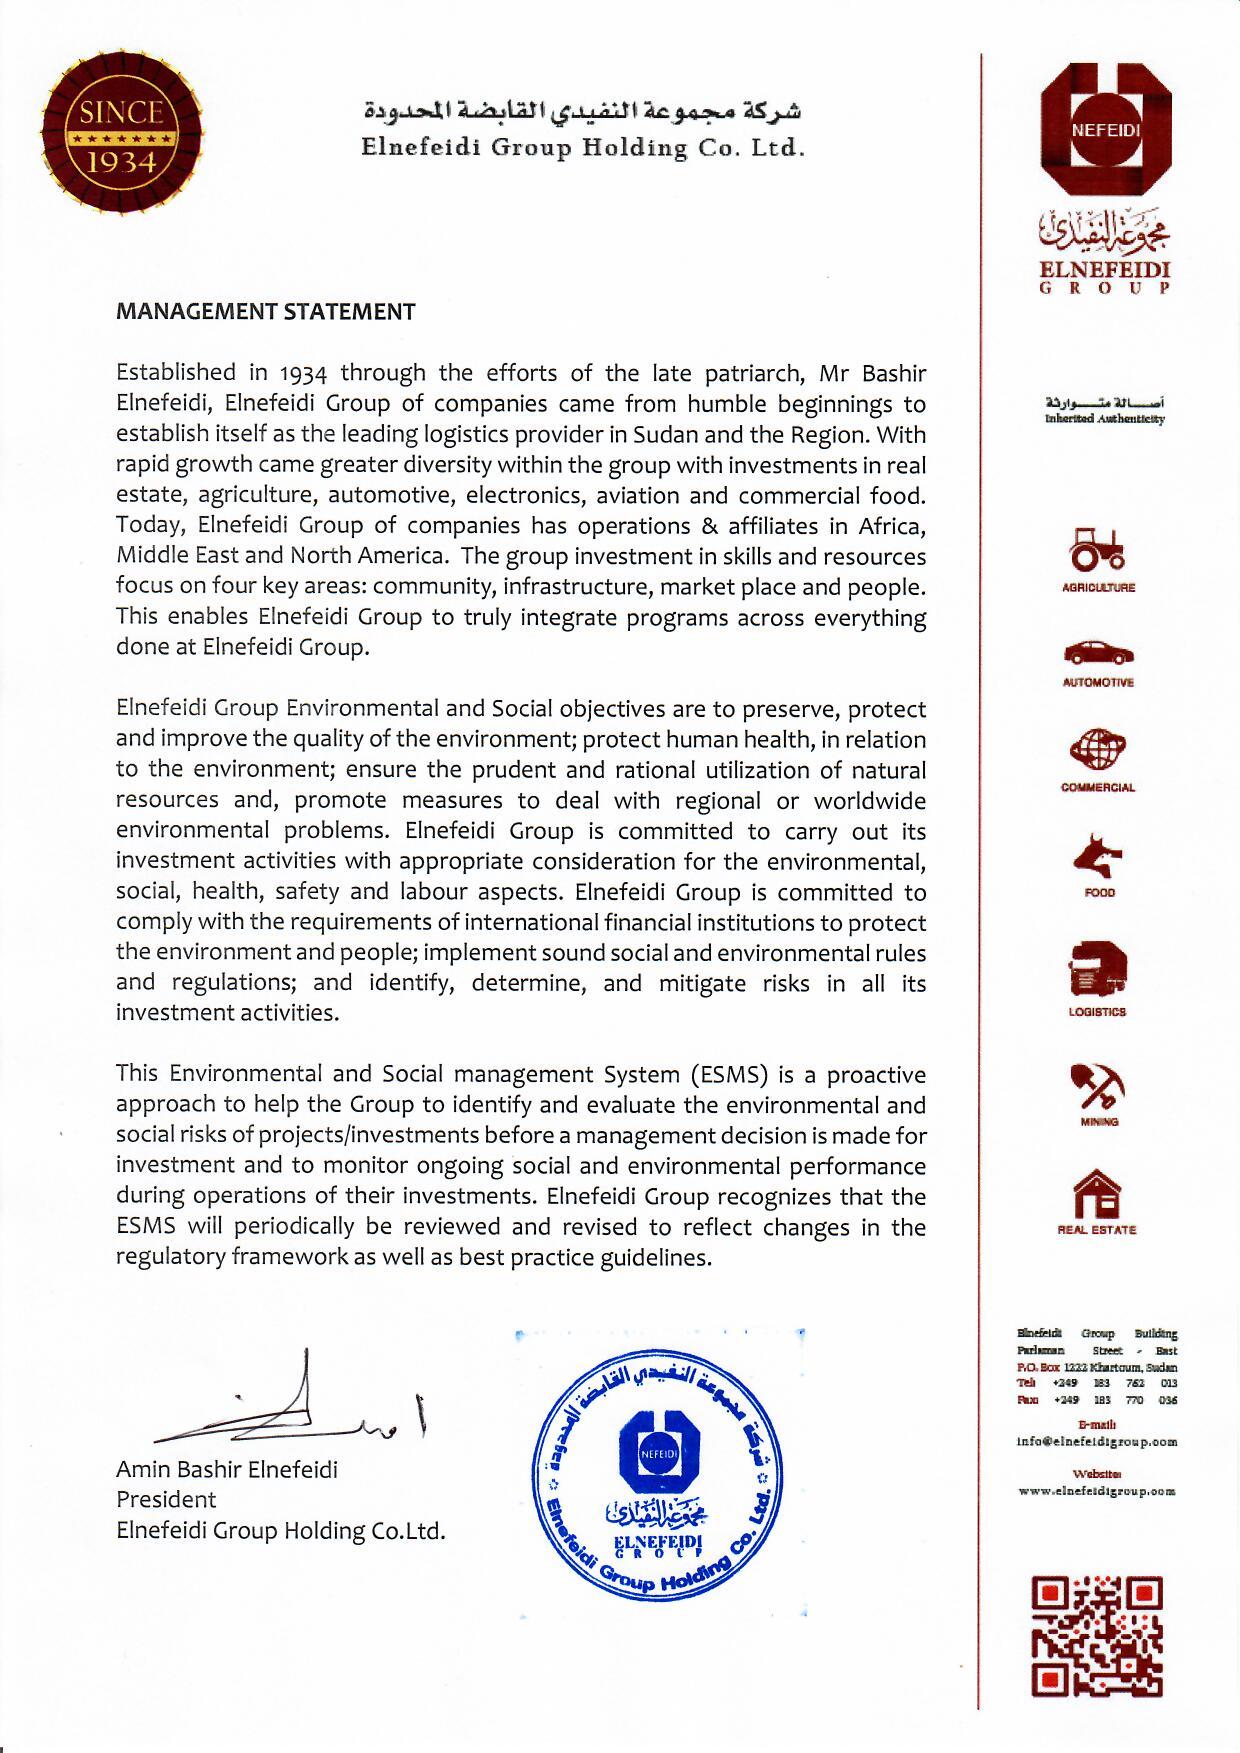 Elnefeidi Group Management Statement